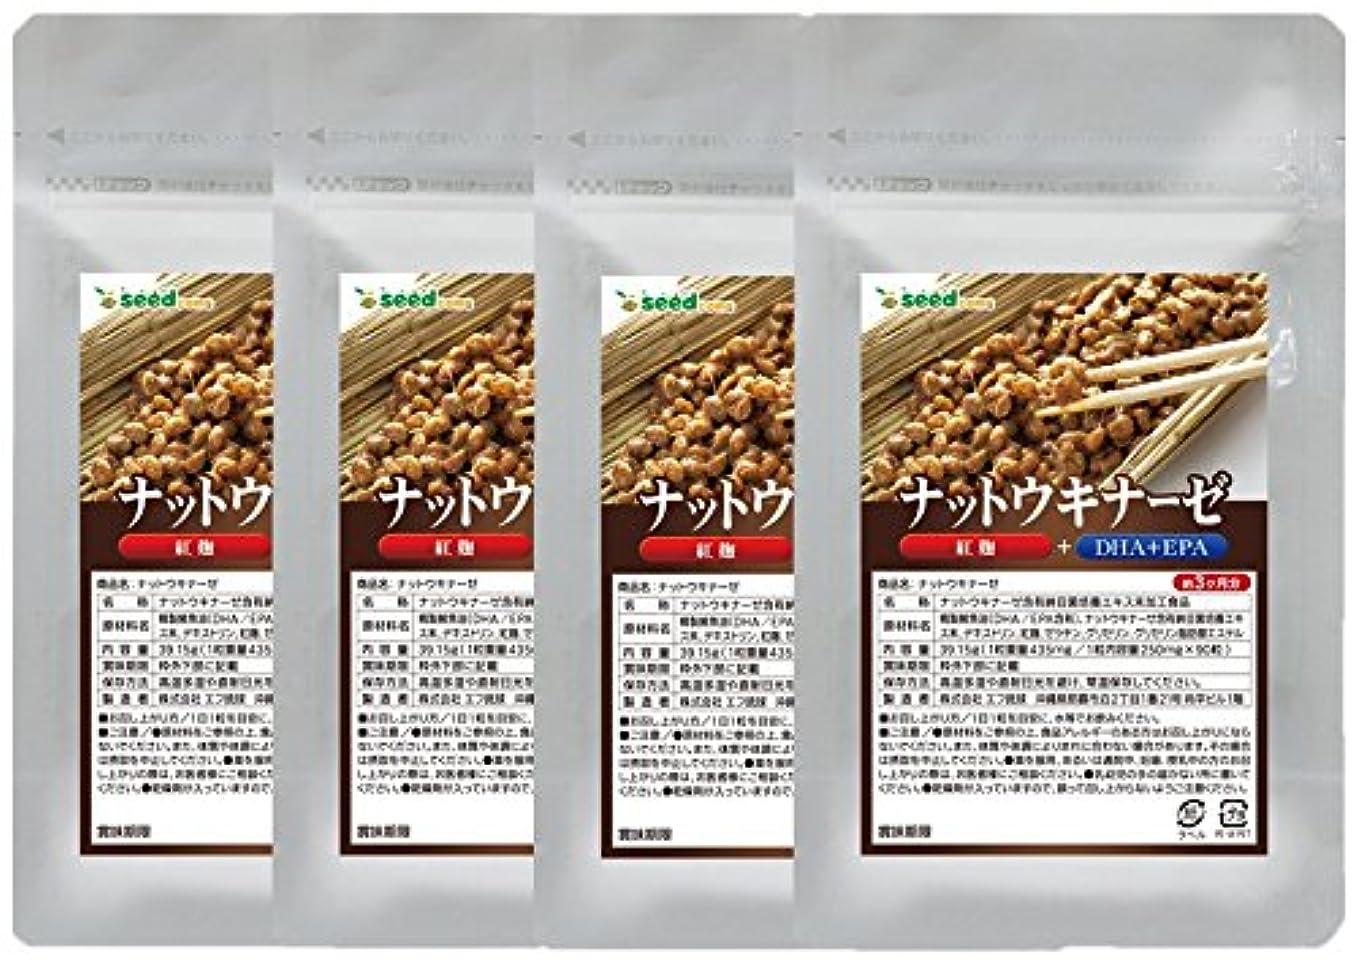 バス咲くペイント【 seedcoms シードコムス 公式 】ナットウキナーゼ (約12ケ月分) 紅麹、DHA&EPA入り